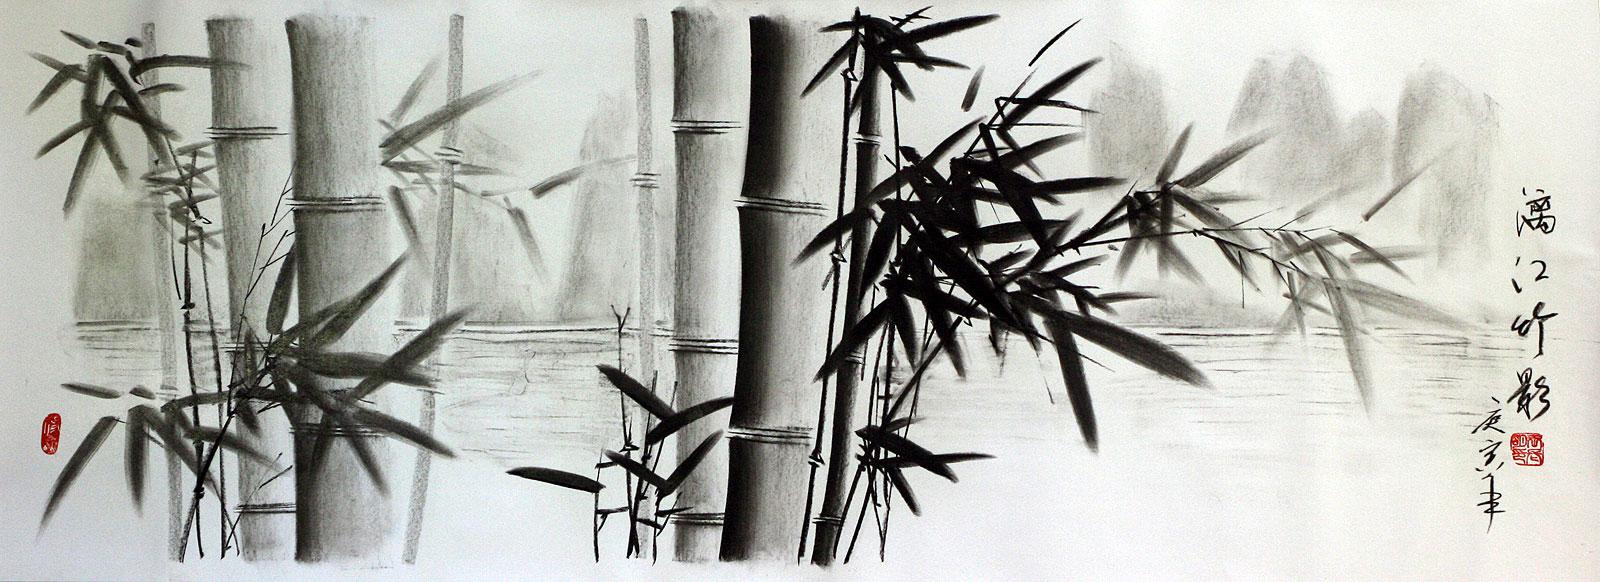 bamboo drawing - photo #16